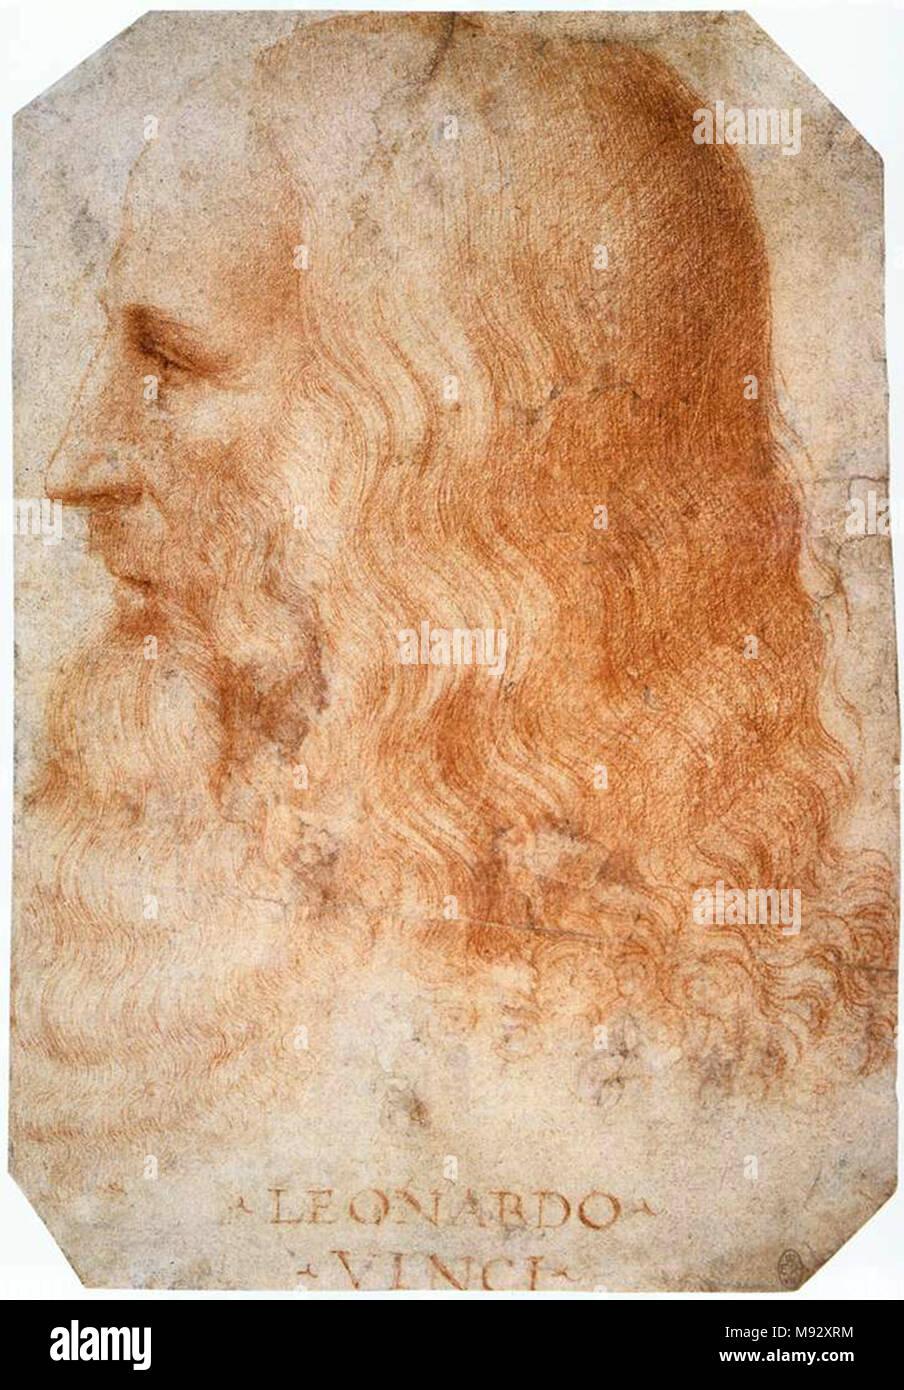 Leonardo da Vinci, Leonardo di ser Piero da Vinci (1452 – 1519), Italian Renaissance polymath - Stock Image